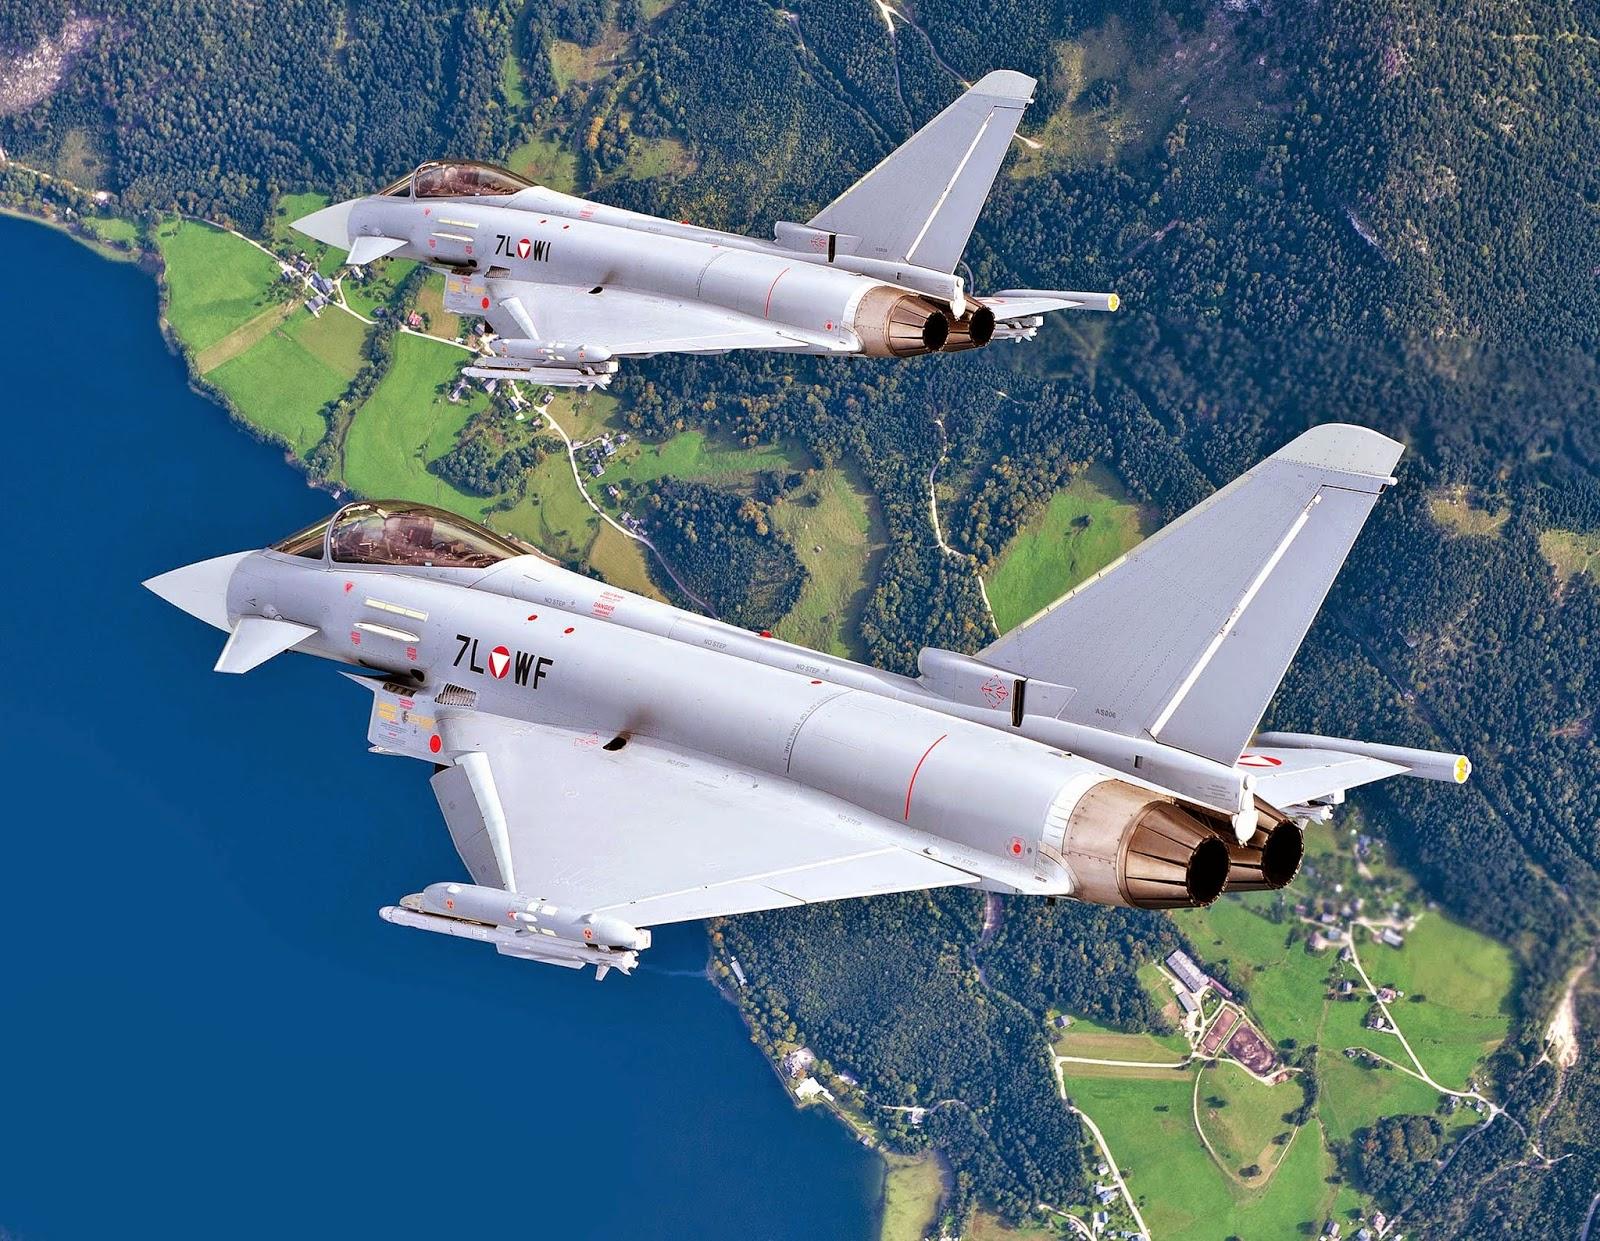 Пара истребителей Eurofighter Typhoon ВВС Австрии (бортовые номера 7L-WI и 7L-WF) (c) Eurofighter / Airbus.